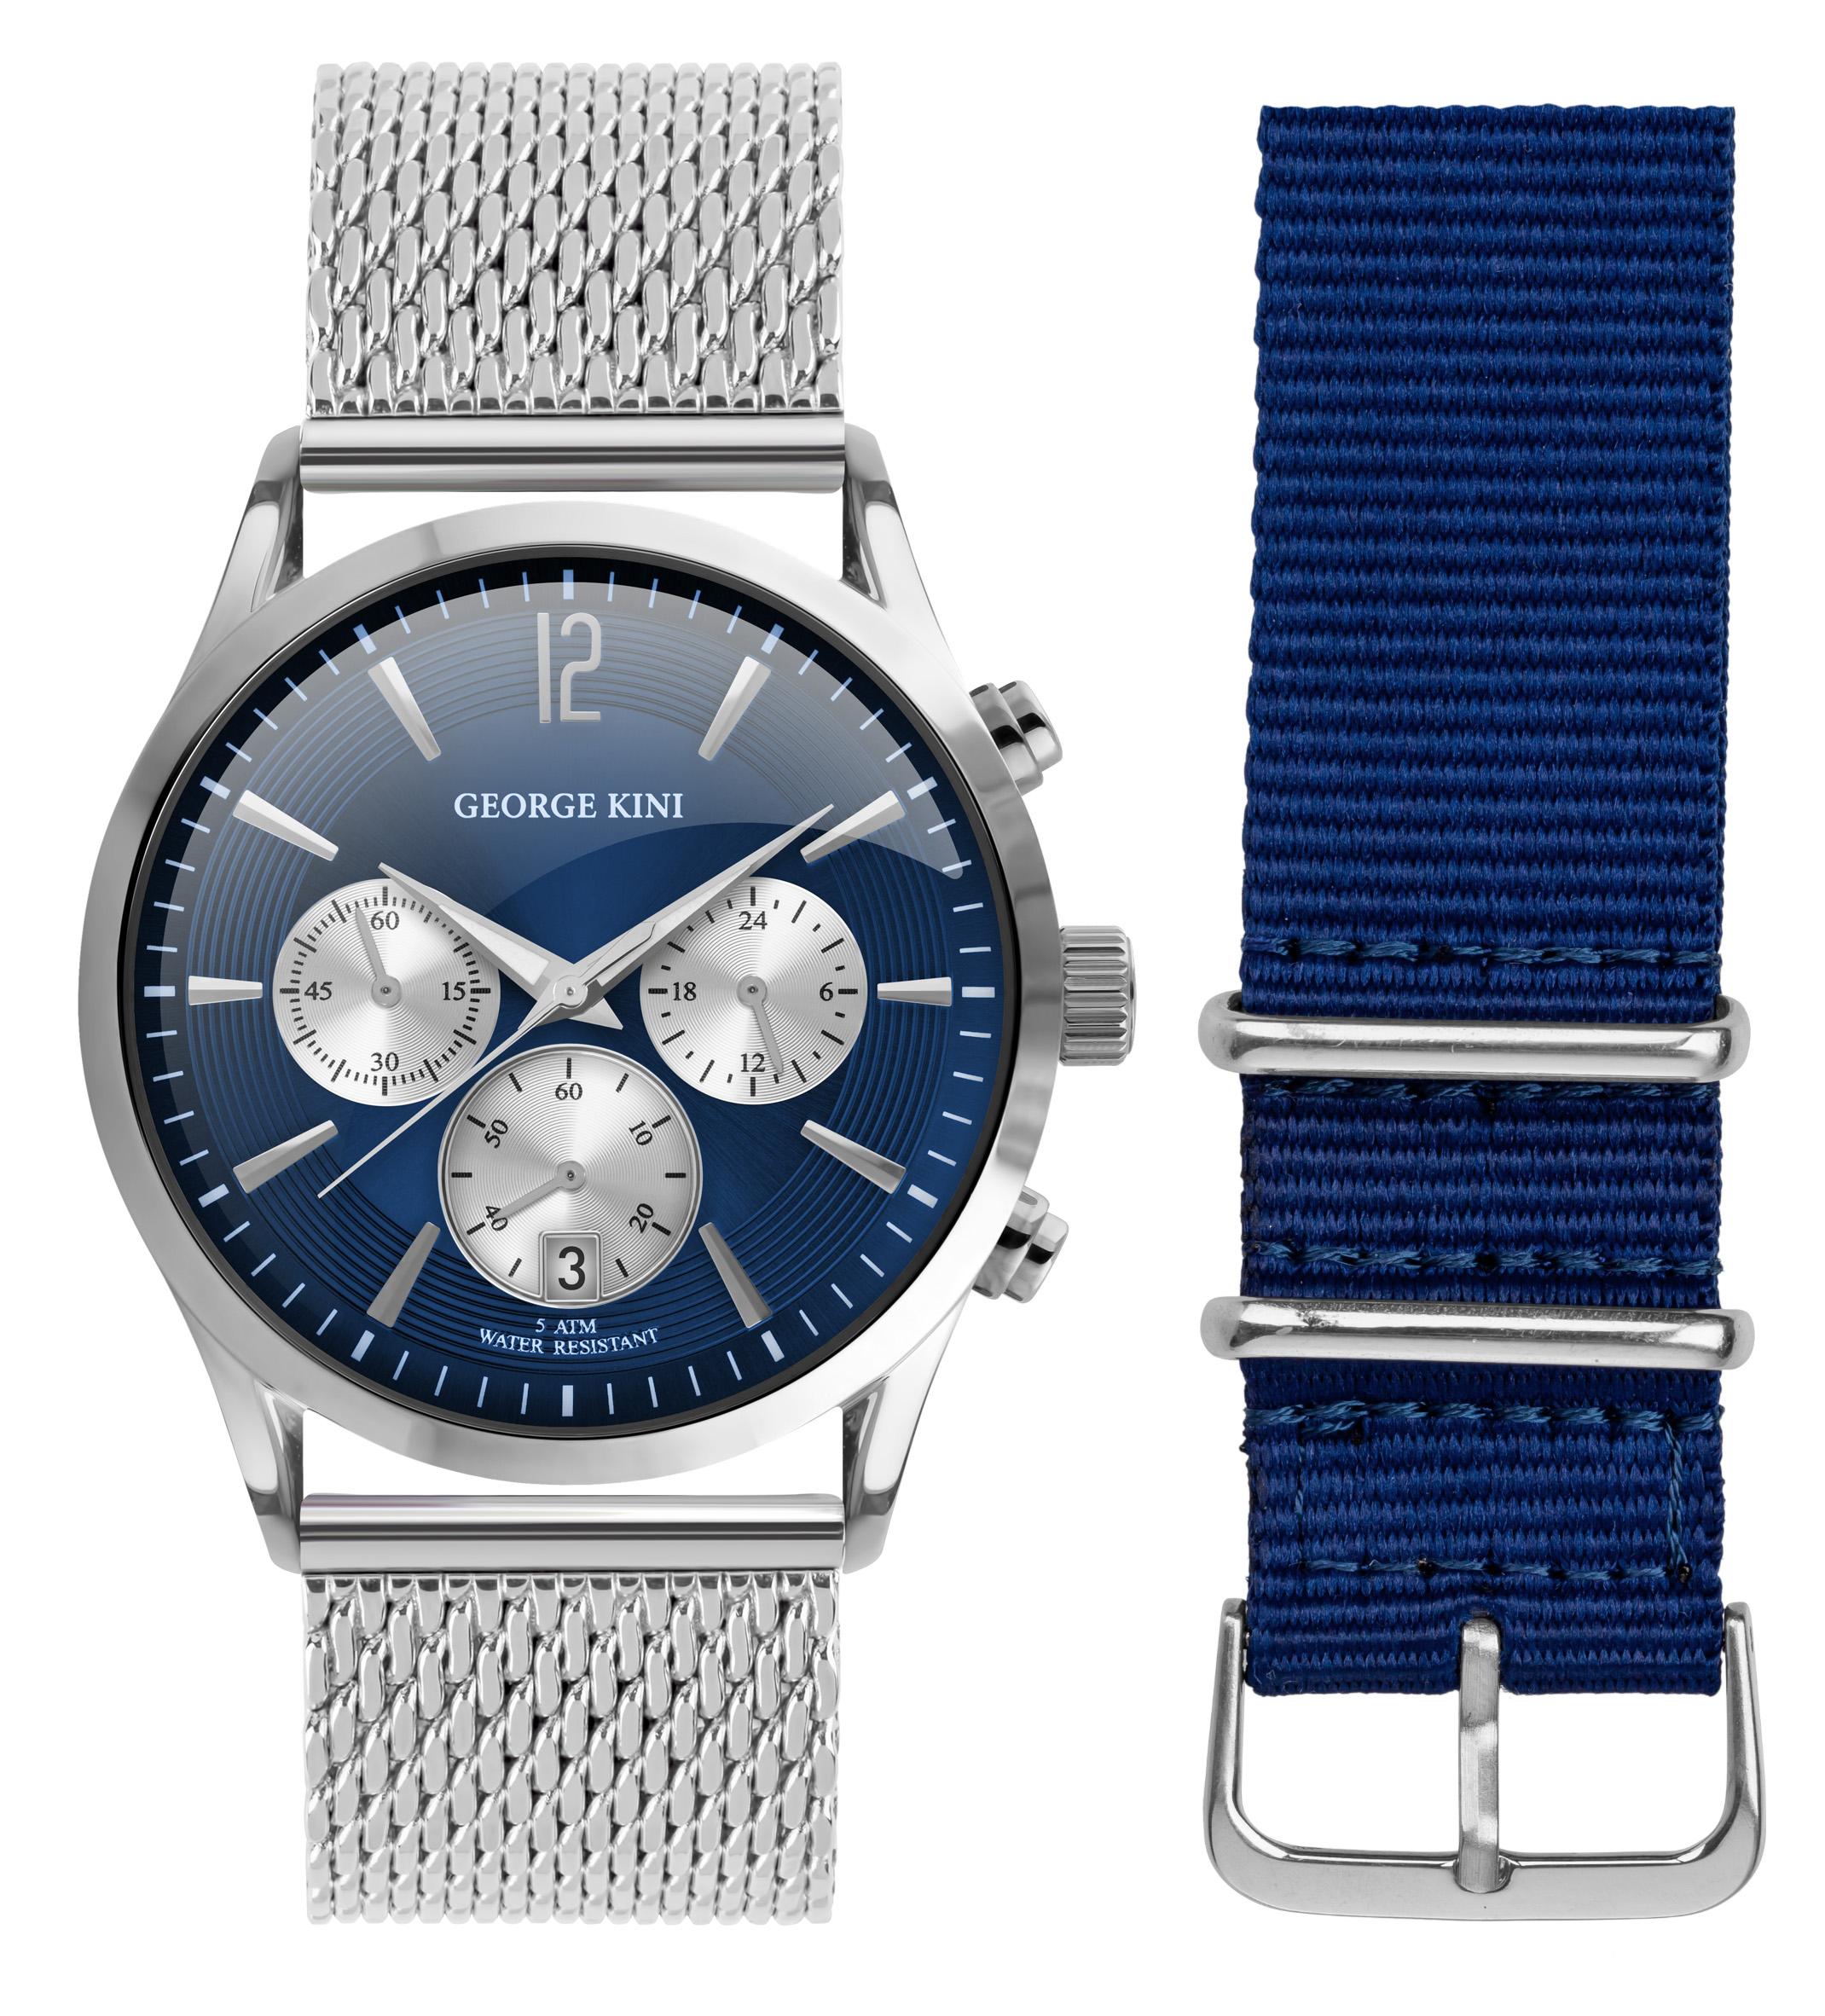 Наручные часы мужские George Kini GK.12.1.3SS.21